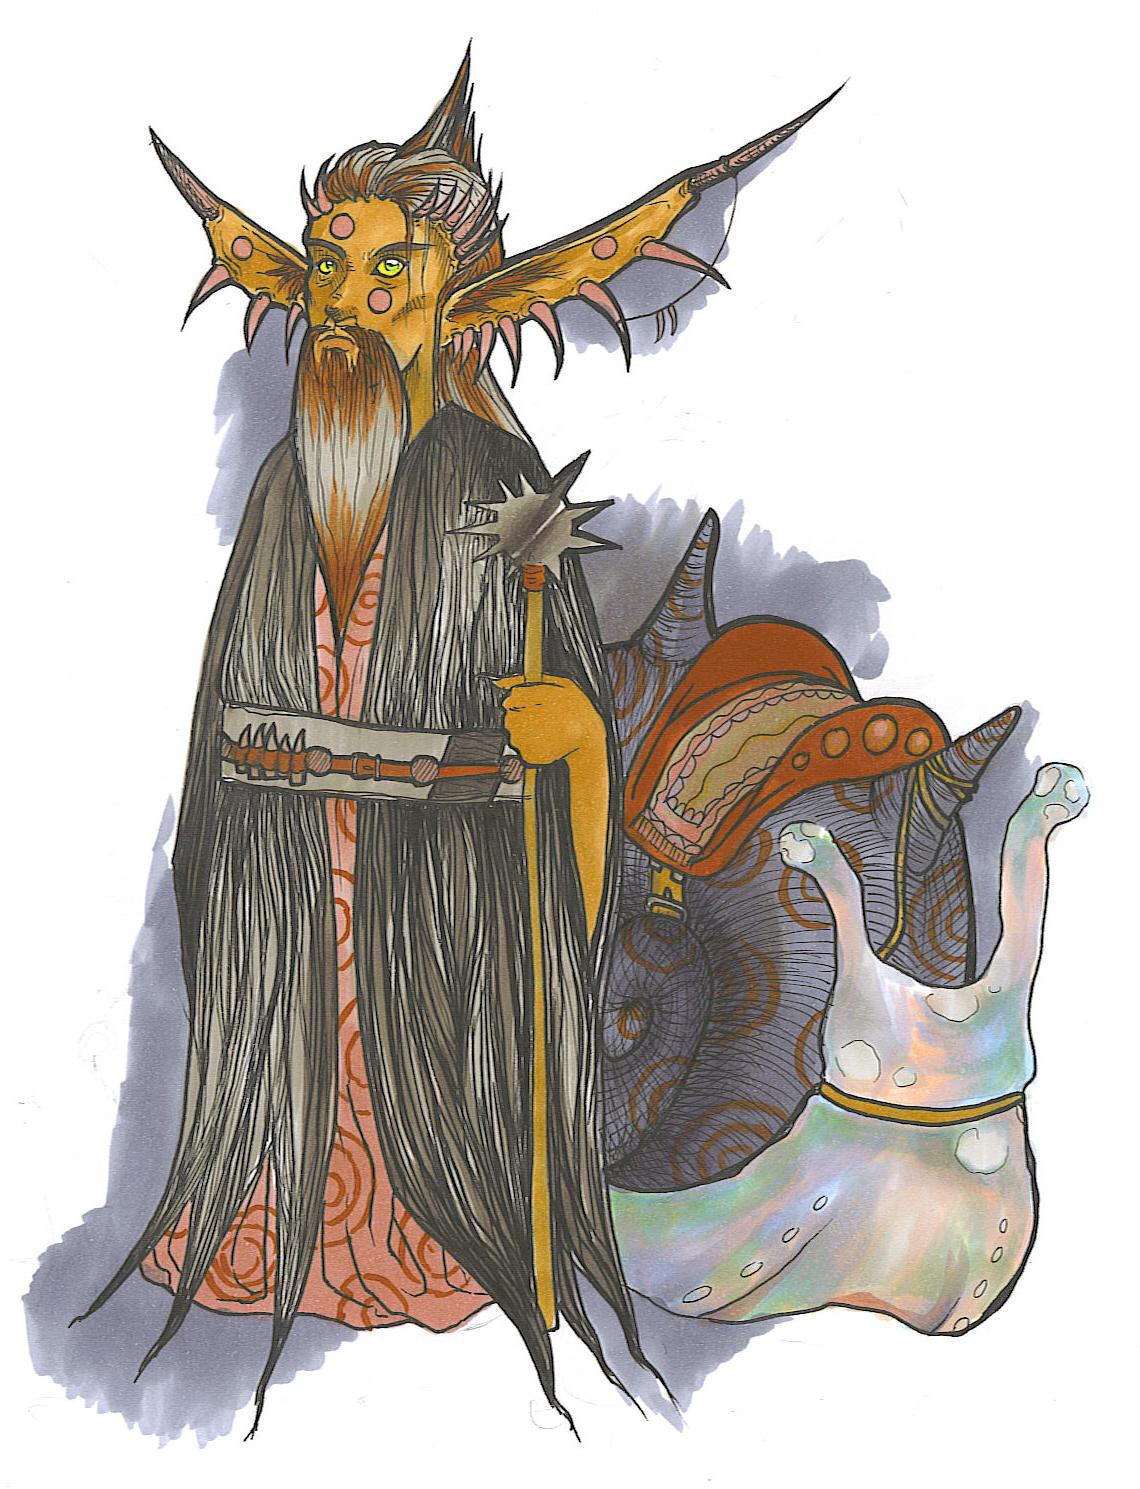 The Elder Spiked Gremlin by KassieOpia